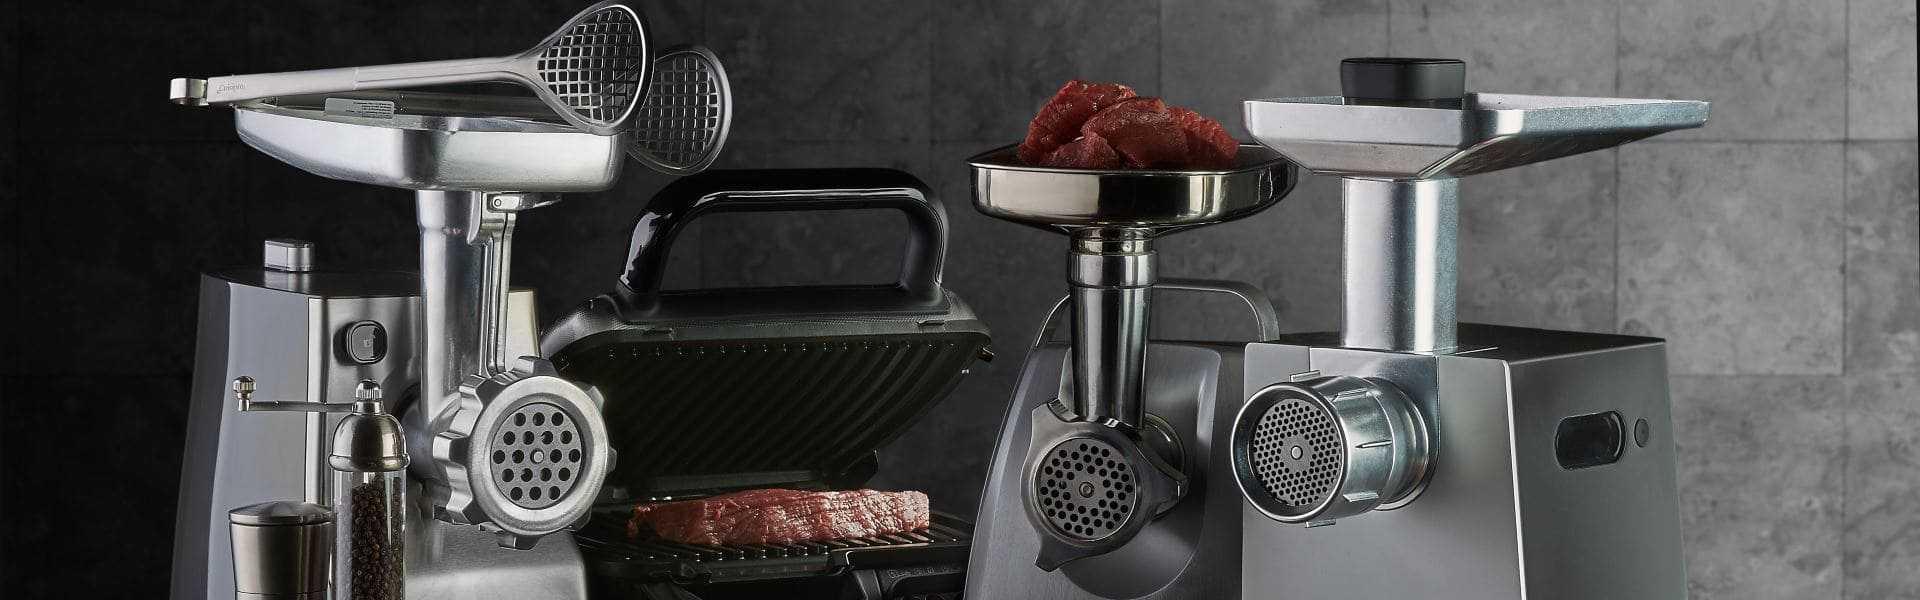 Как выбрать мясорубку электрическую для дома: самые основные критерии